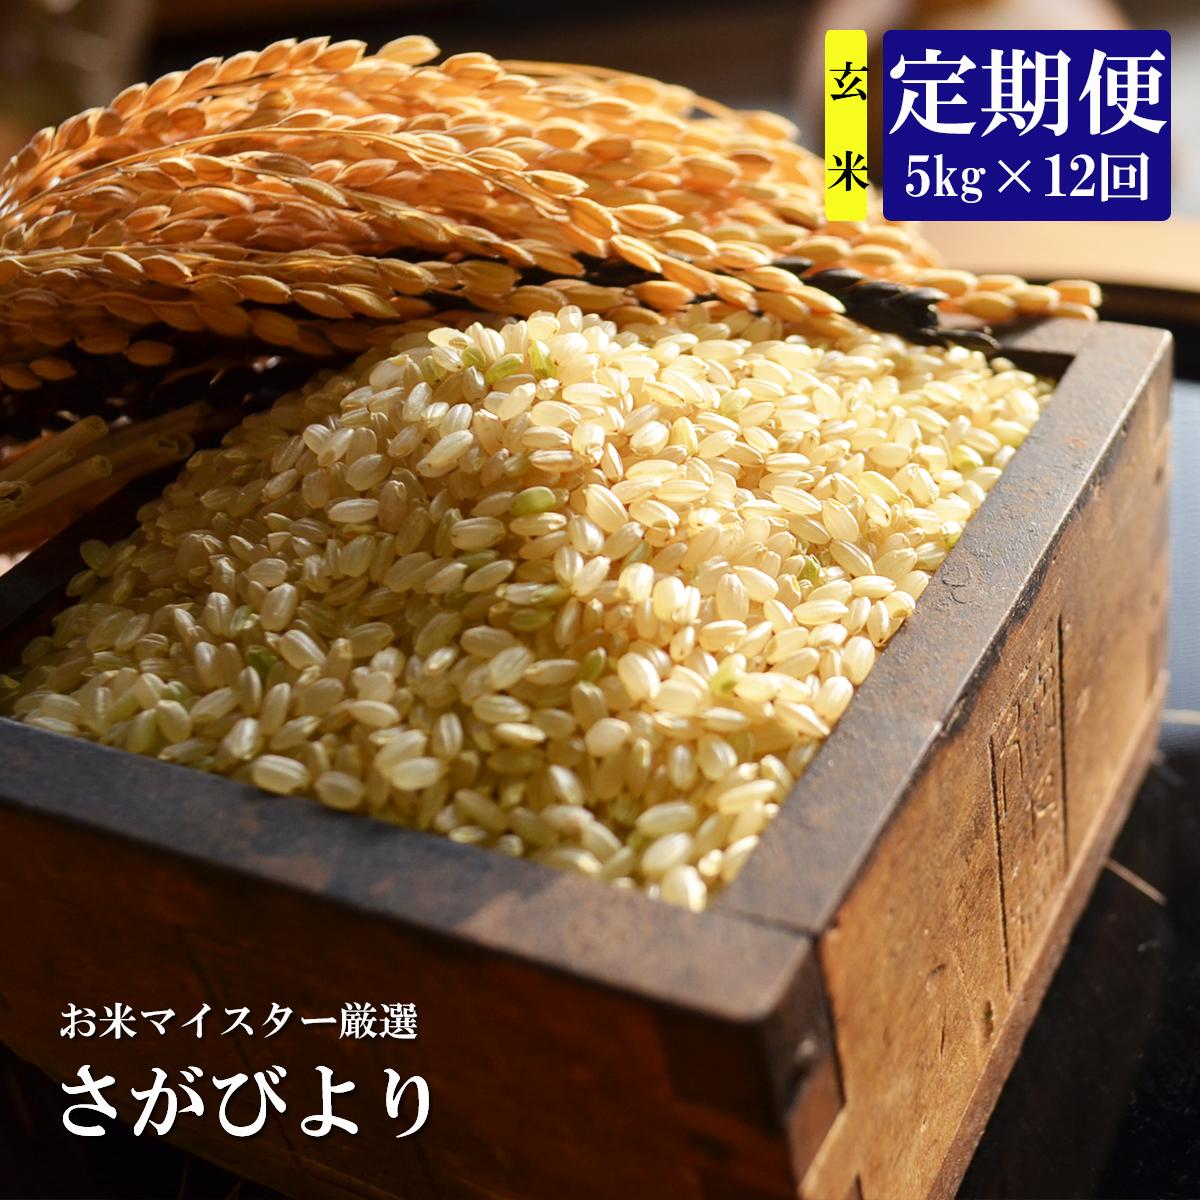 【ふるさと納税】L-22《12ヶ月毎月お届け》鹿島市産さがびより 玄米5kg定期便